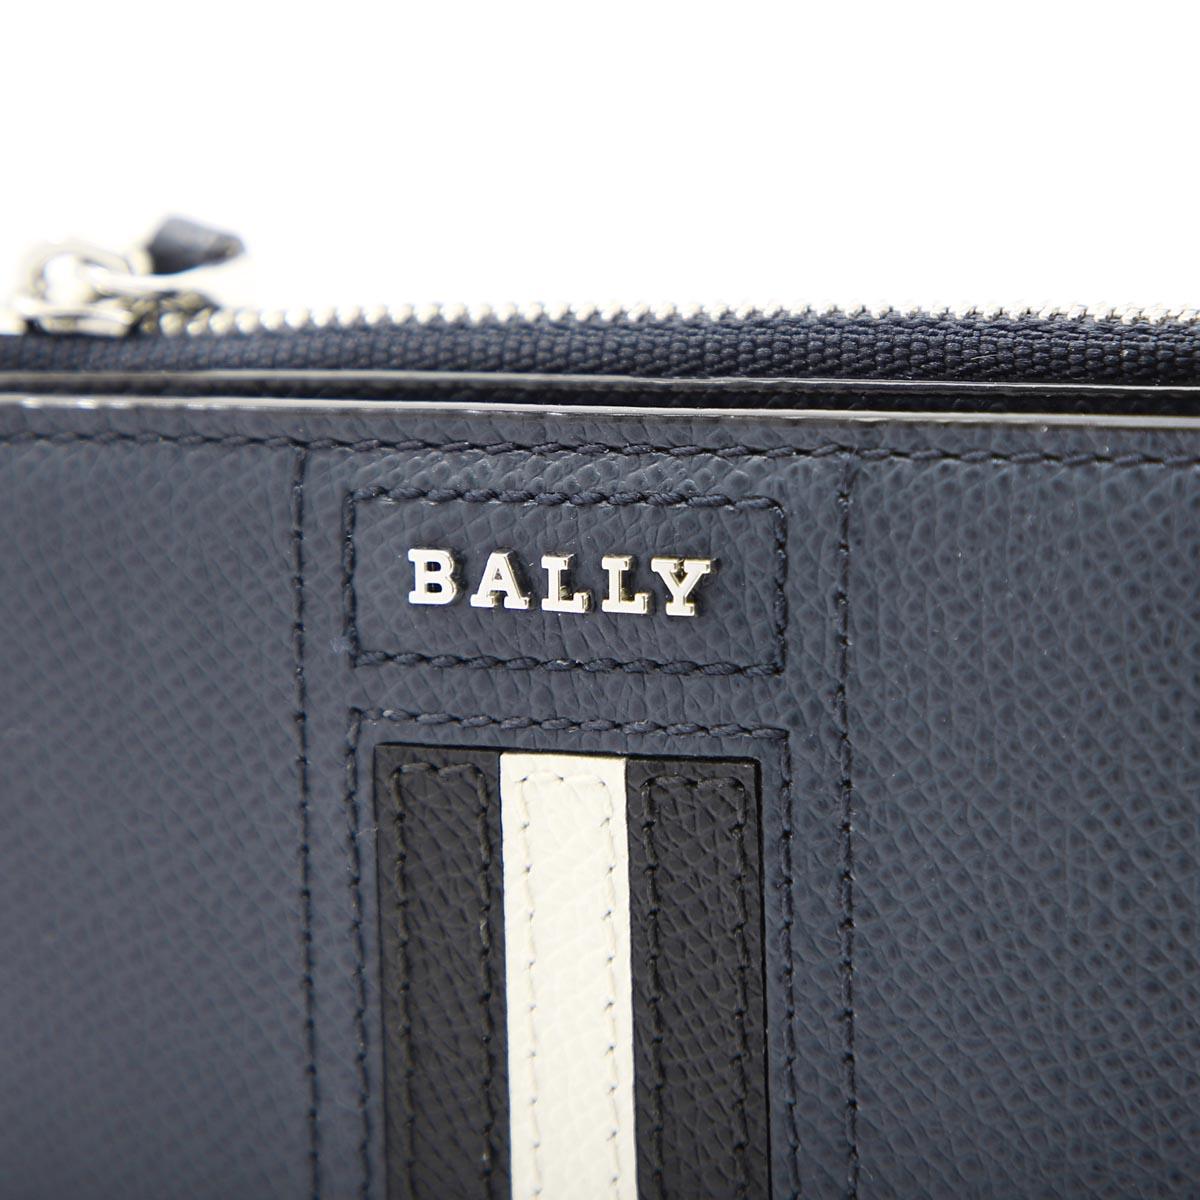 BALLY バリー 2つ折り財布 小銭入れ付き/TUNNER メンズ